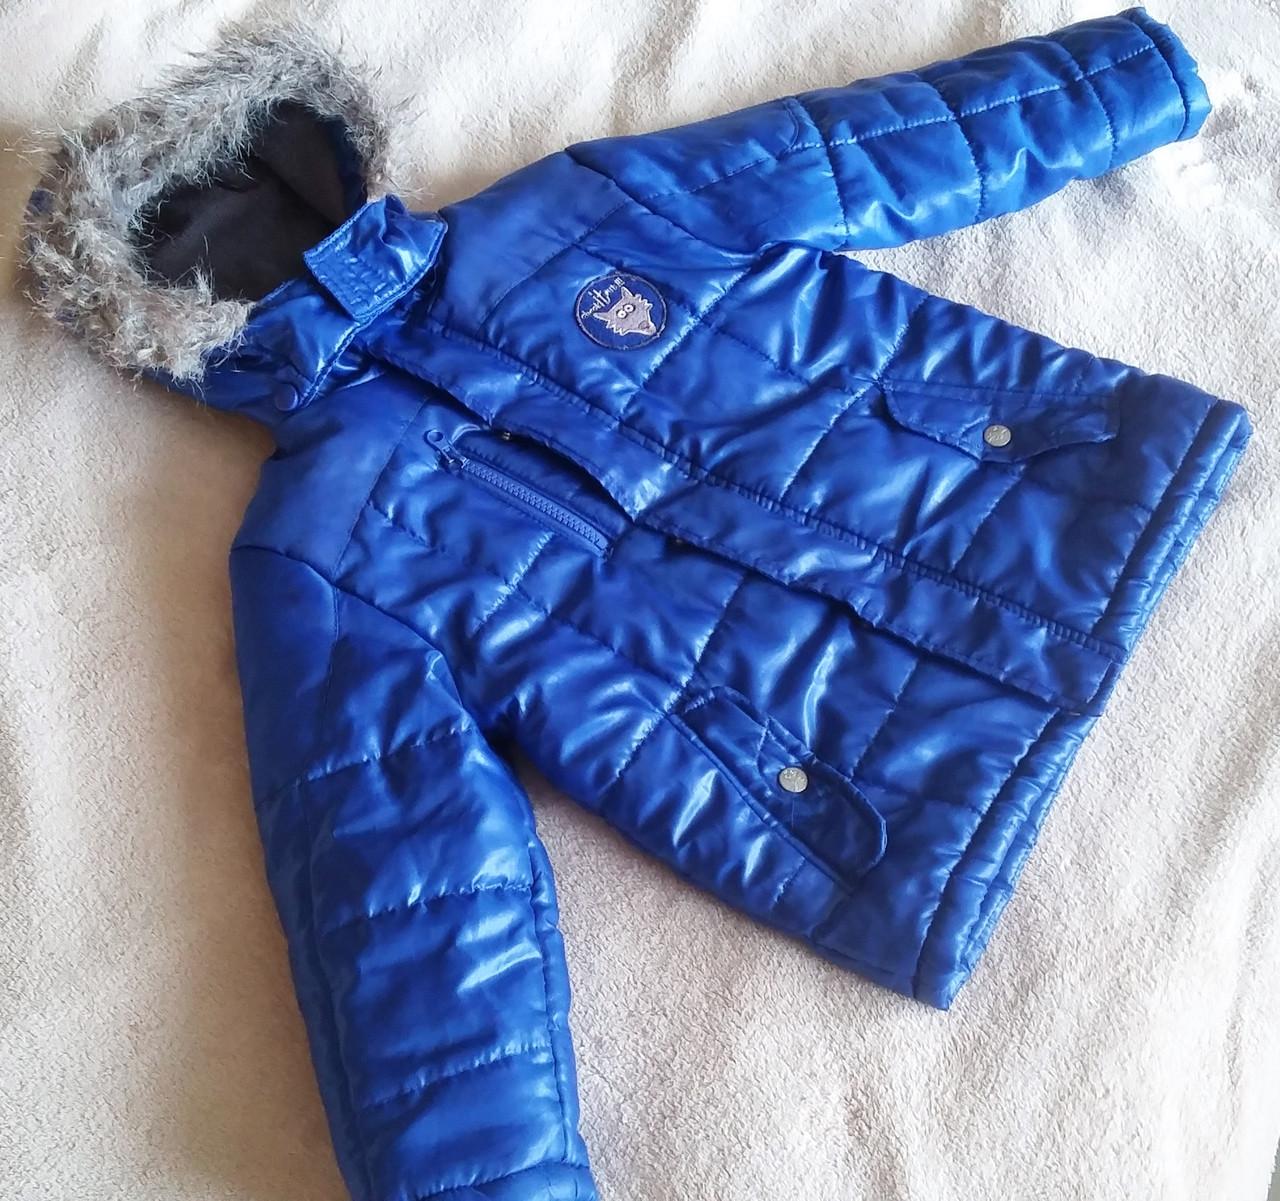 Демисезонная стеганая термо куртка Lupilu, р. 116. Непромокаемая, теплая, удобная. Качество.